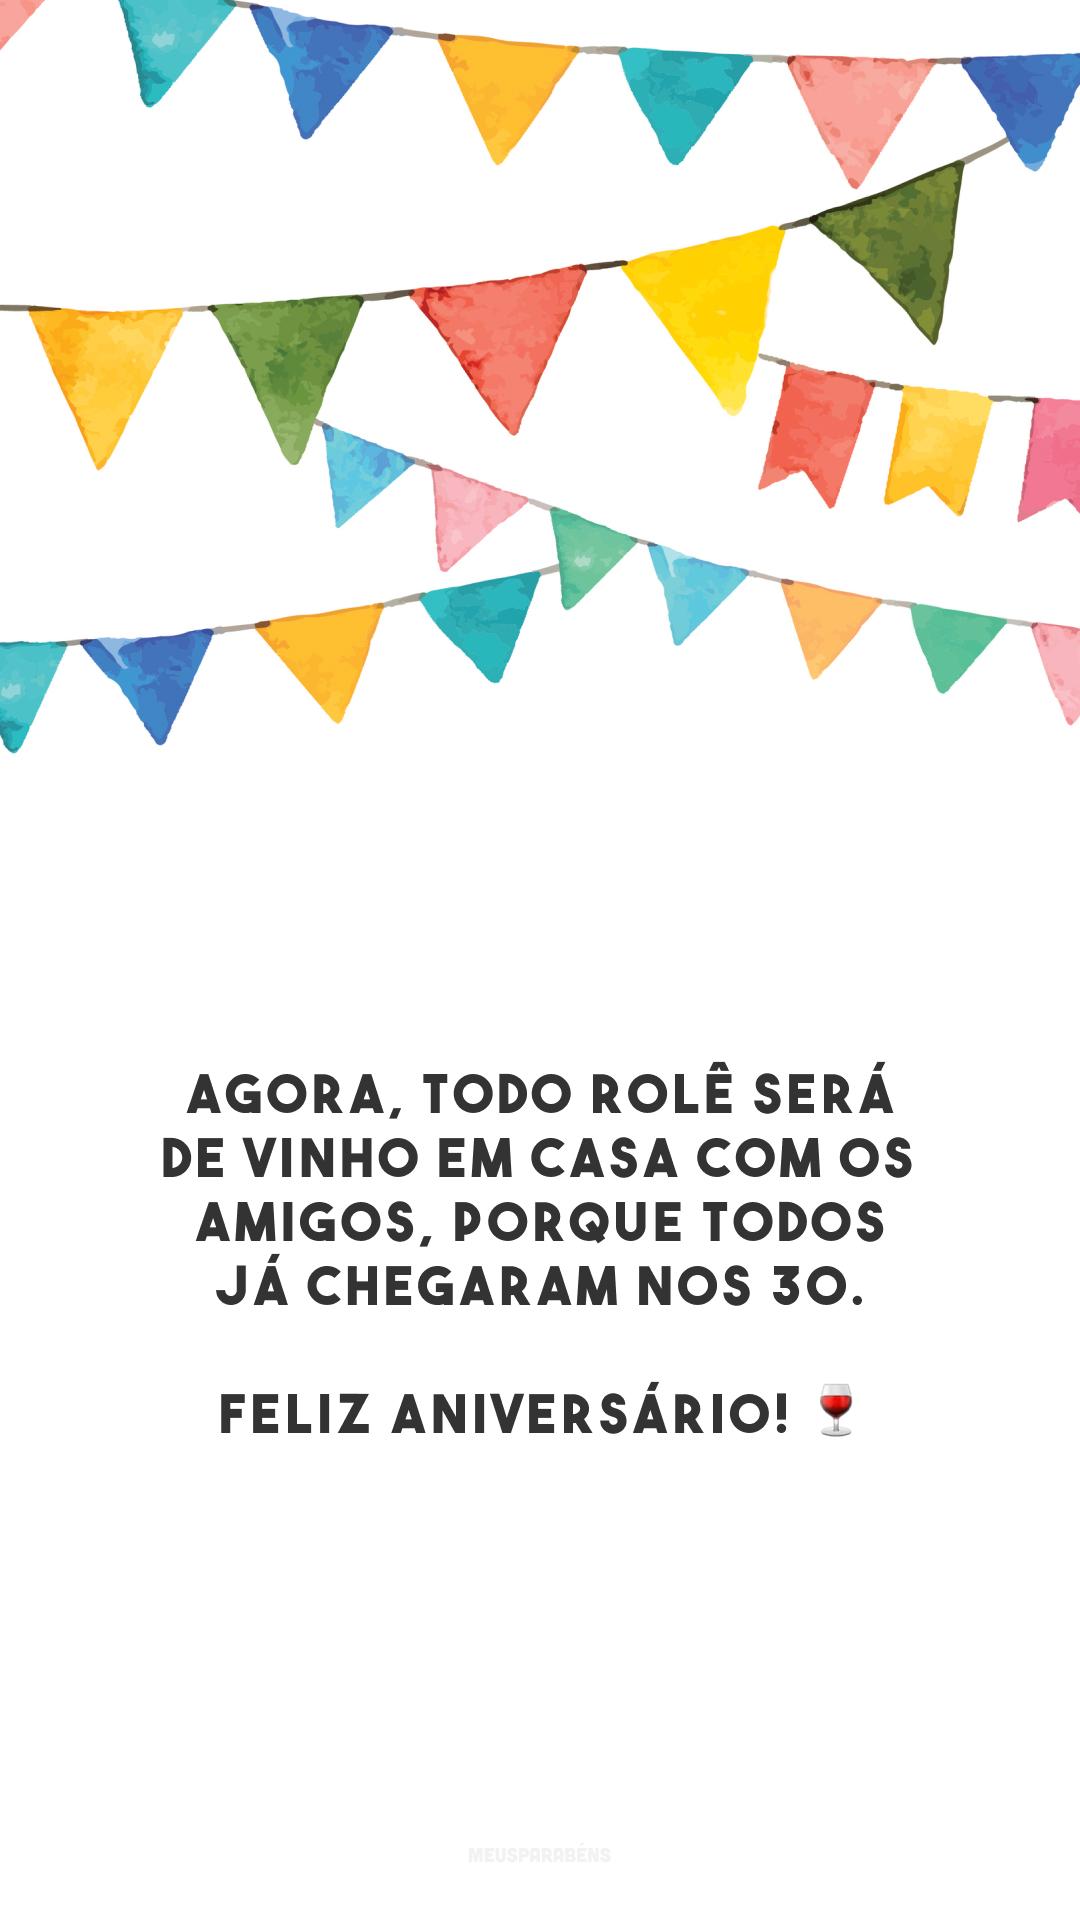 Agora, todo rolê será de vinho em casa com os amigos, porque todos já chegaram nos 30. Feliz aniversário! 🍷